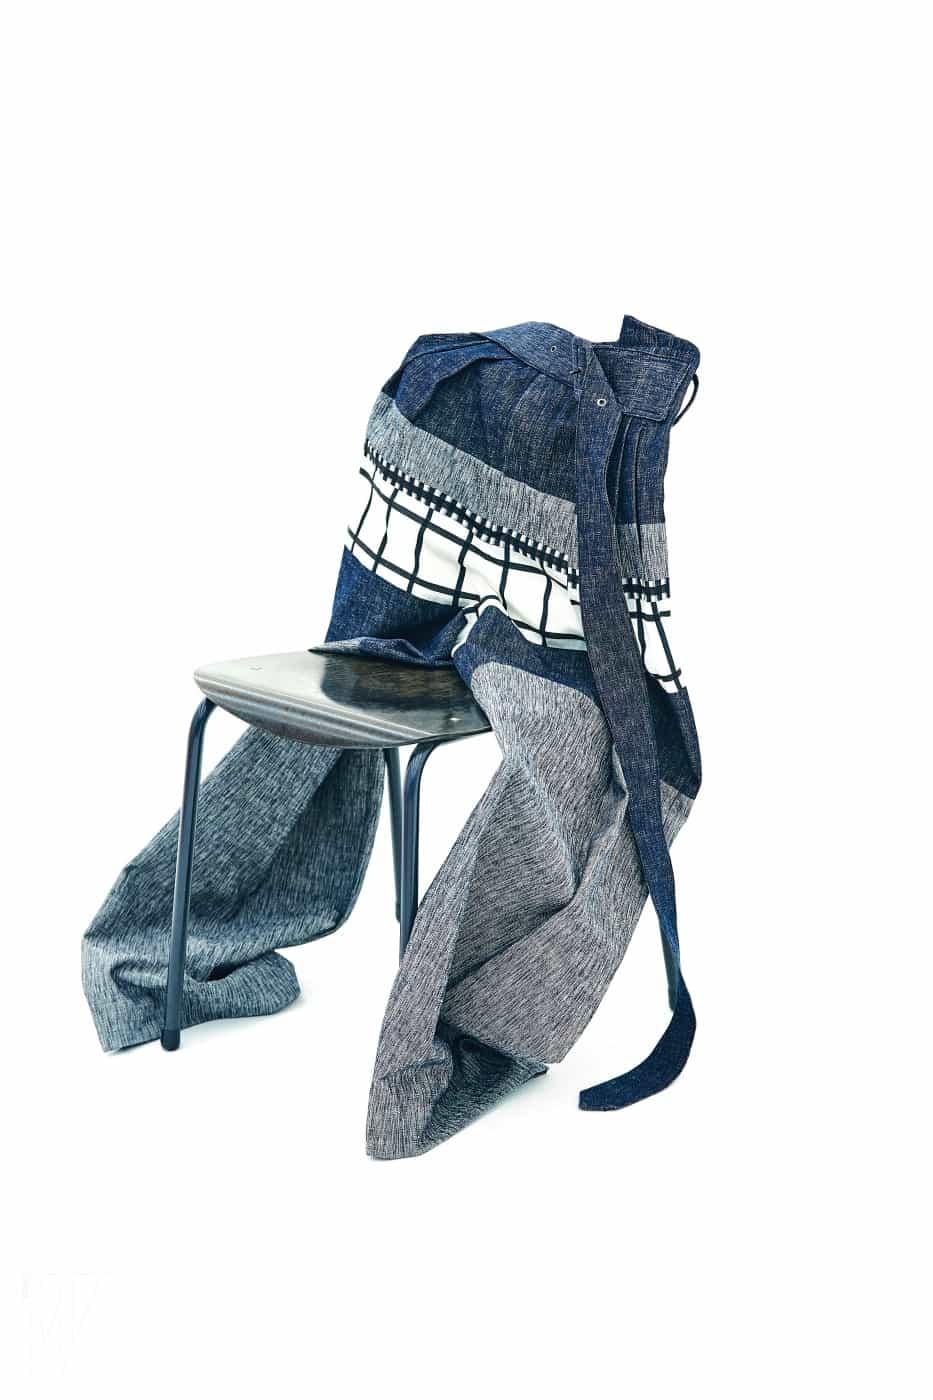 통 넓은 격자무늬 데님 팬츠는 우영미 제품. 가격 미정.